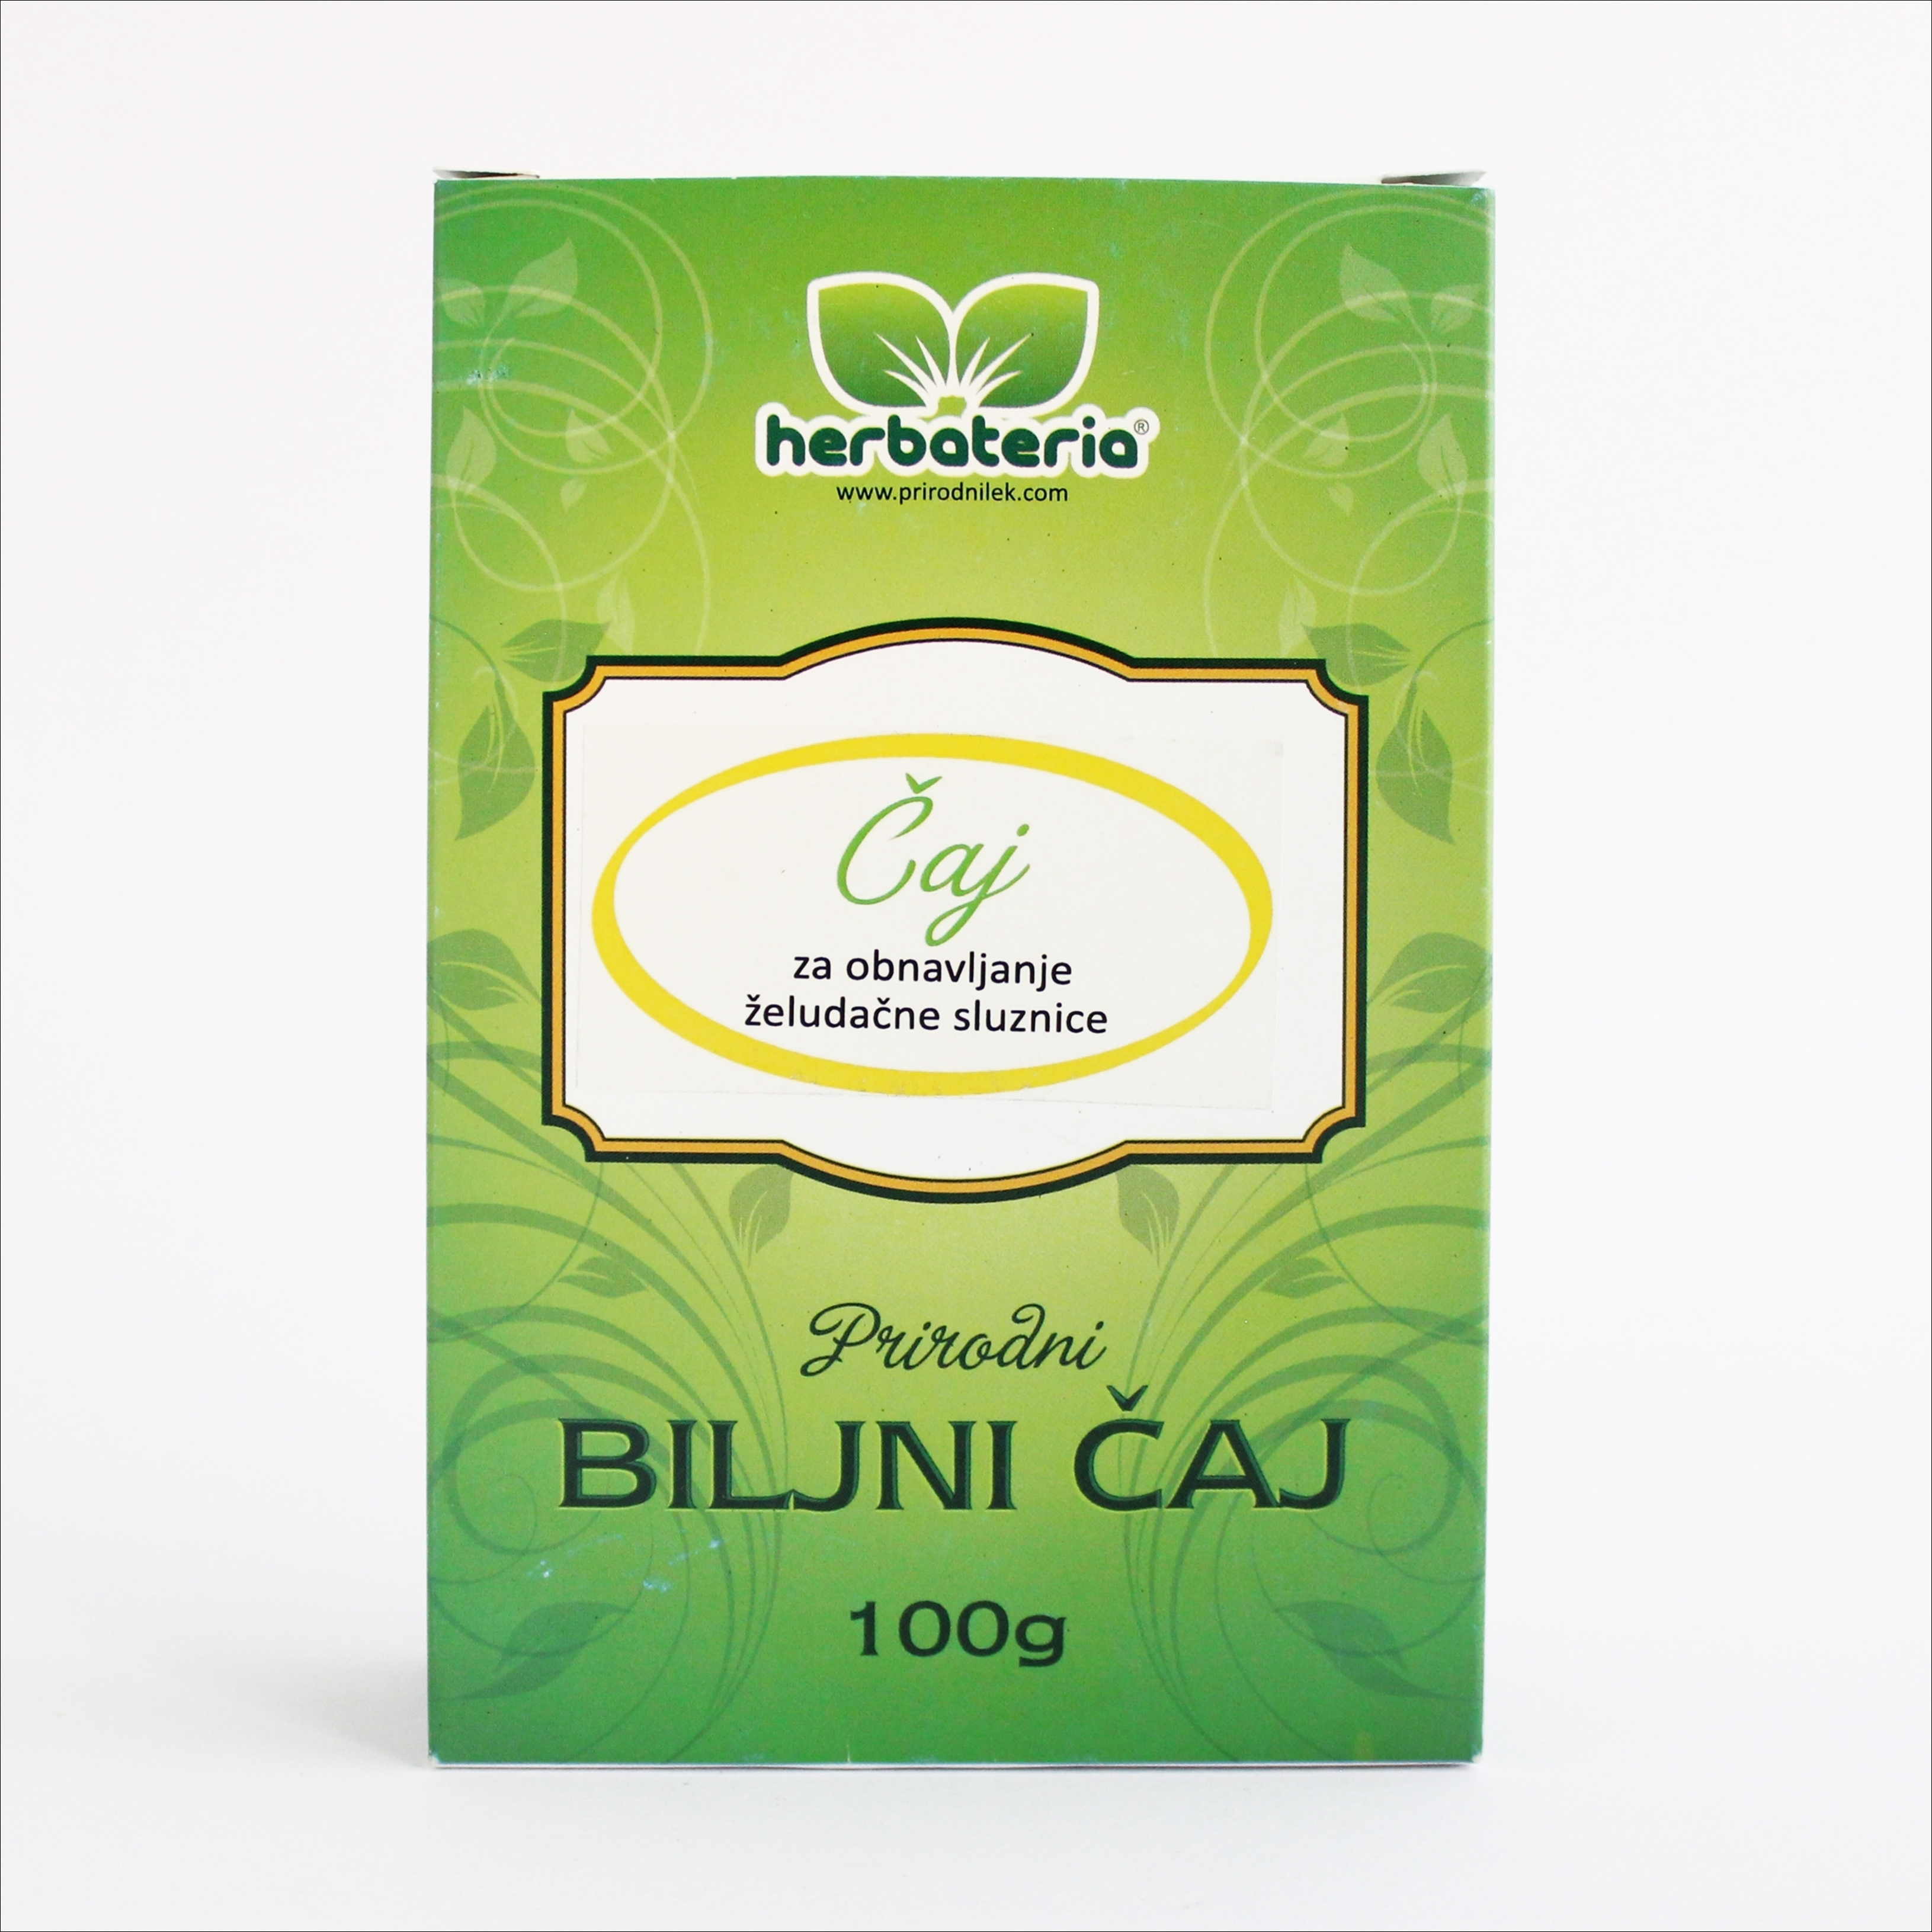 Herbateria - Čaj za obnavljanje želudačne sluznice 00068